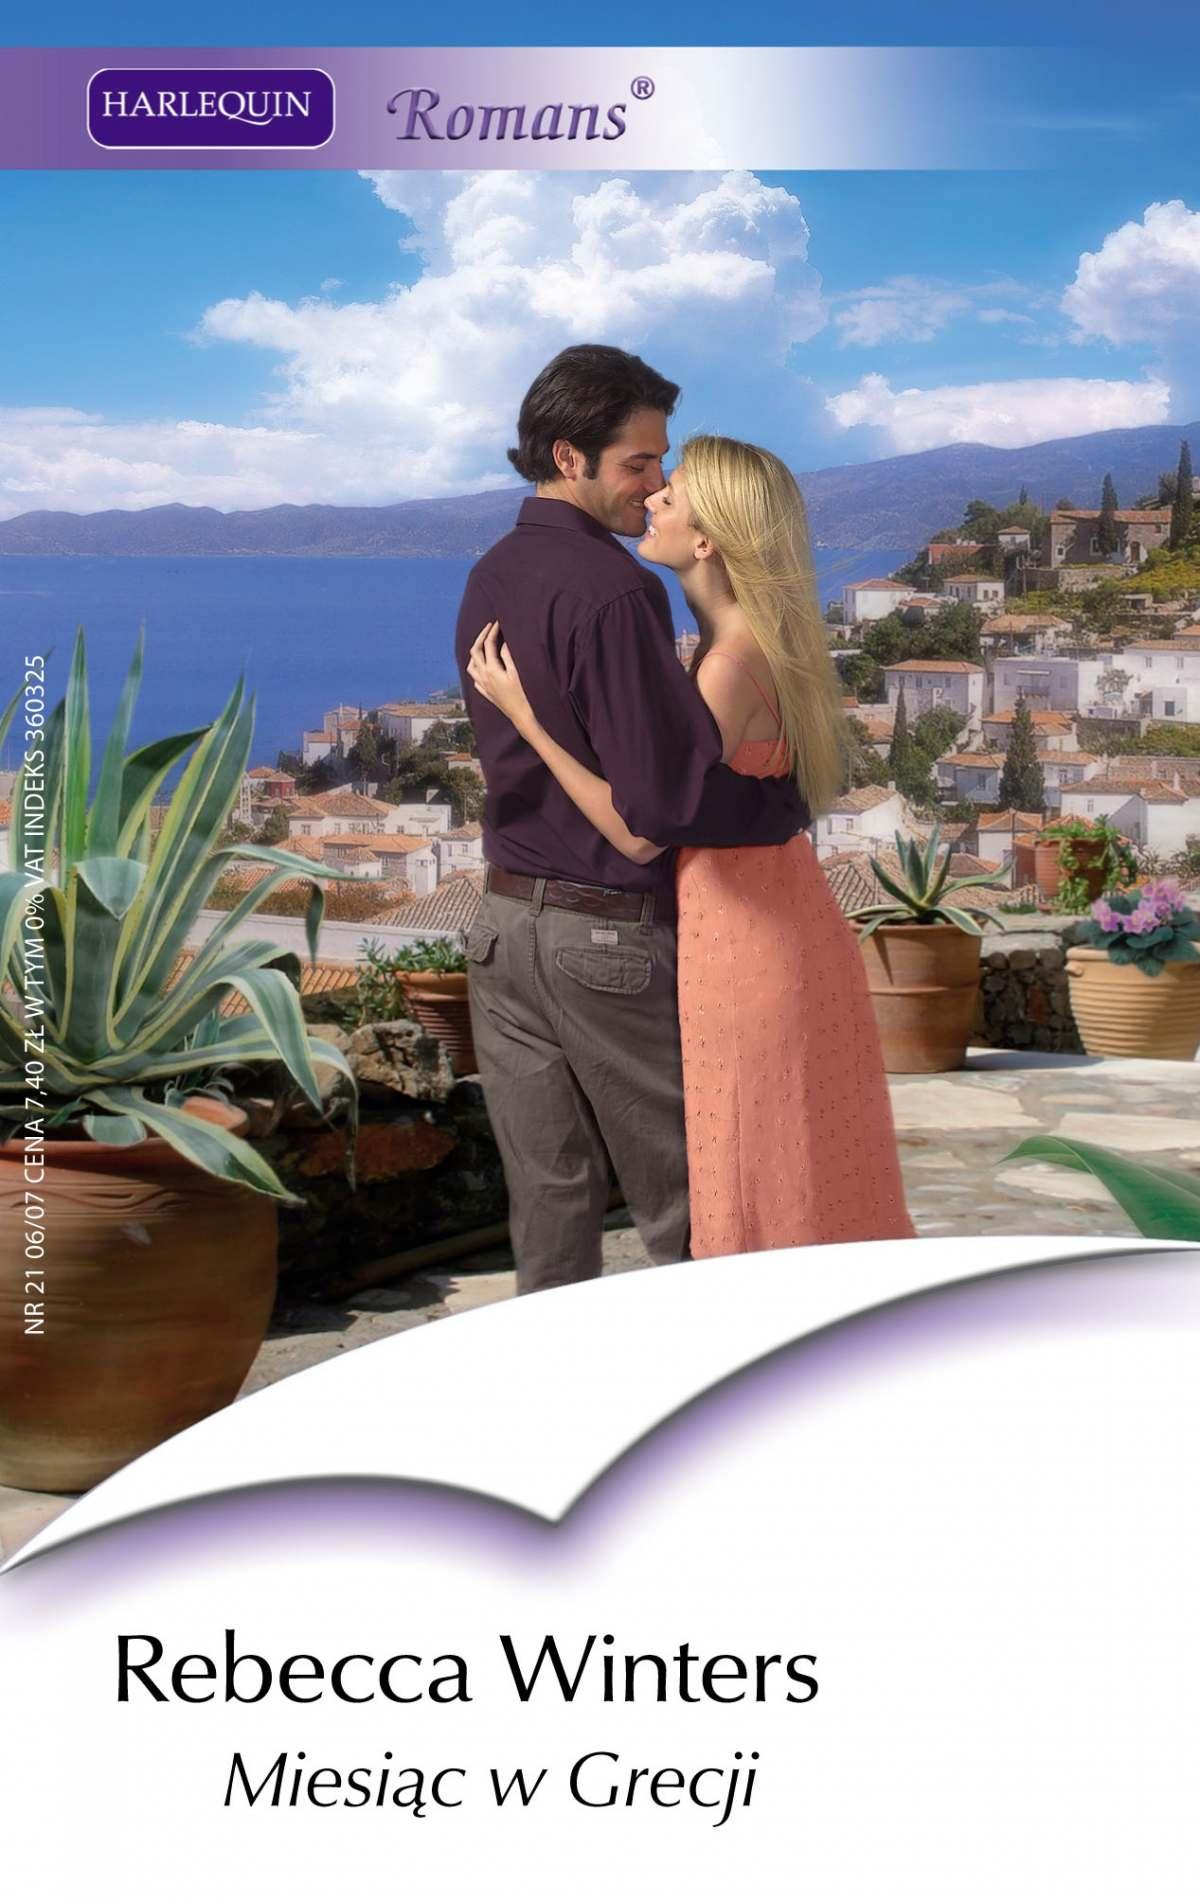 Miesiąc w Grecji - Ebook (Książka PDF) do pobrania w formacie PDF